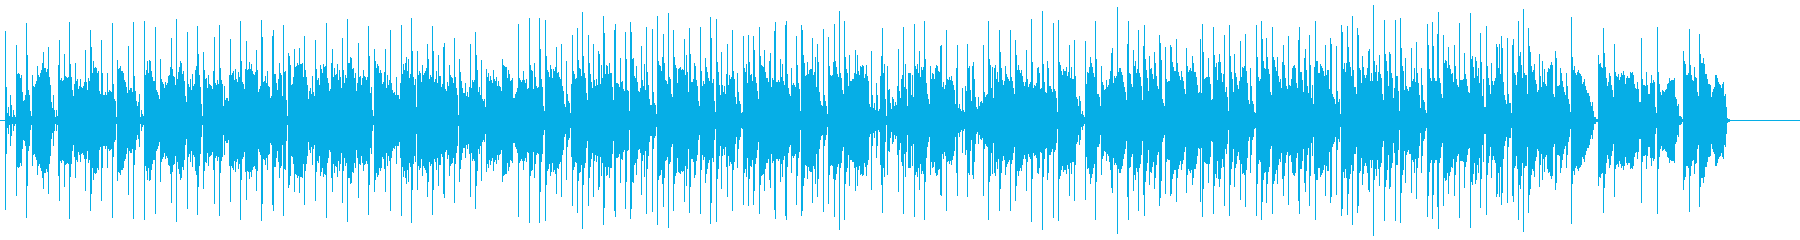 ピアノが印象的なローファイヒップホップの再生済みの波形